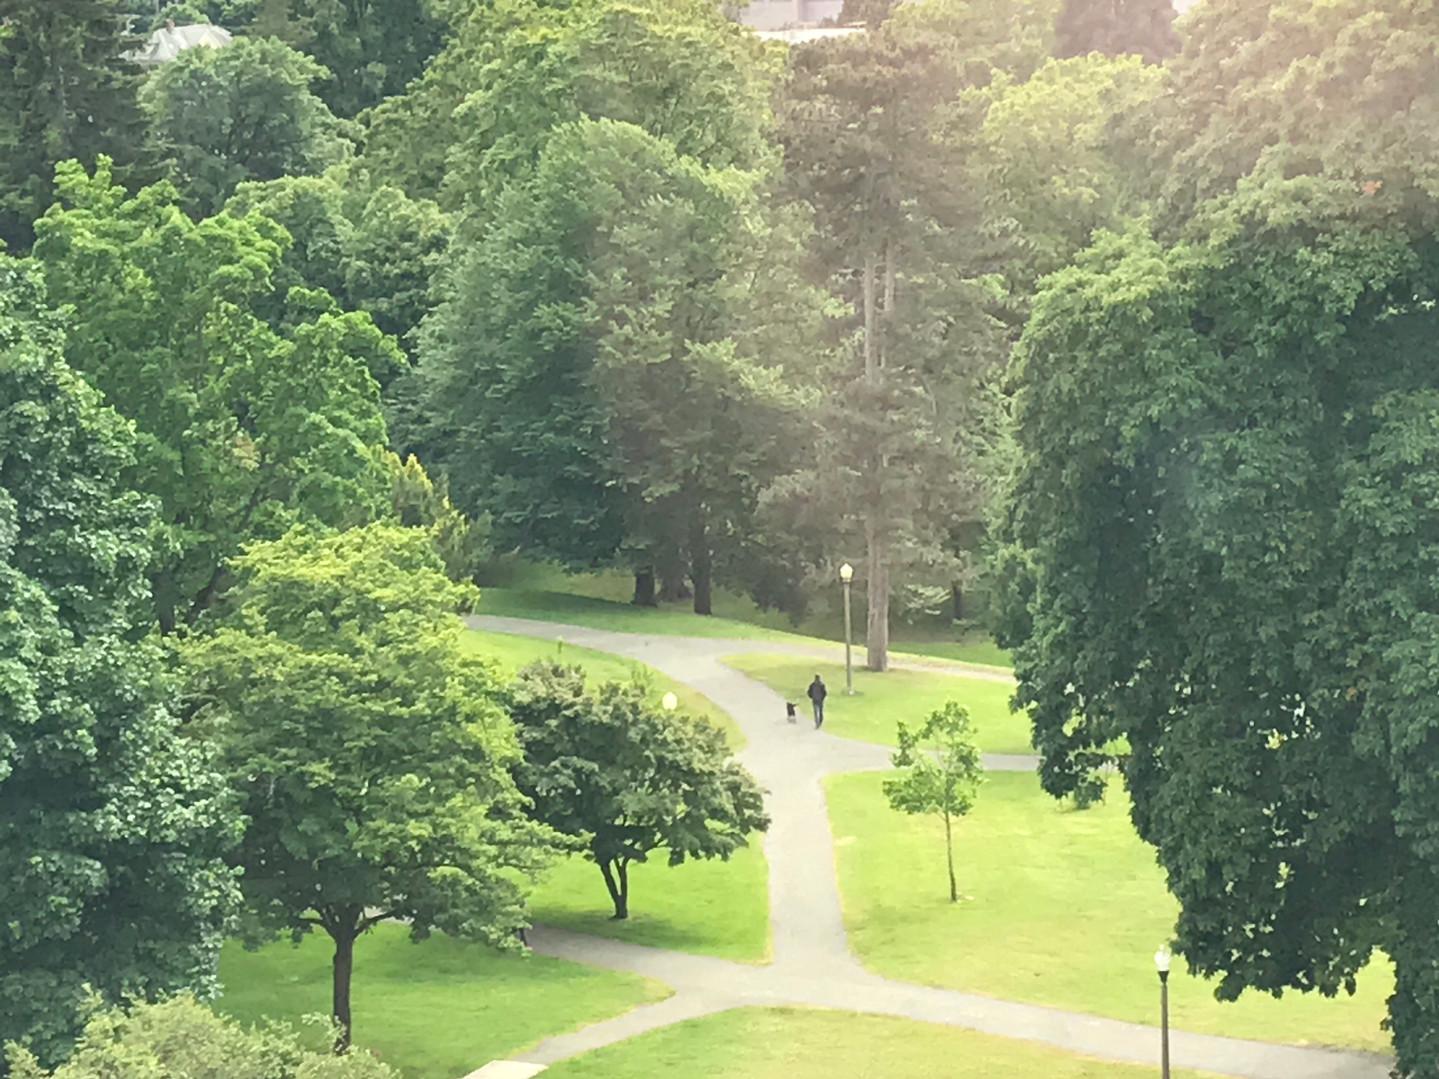 Wright Park